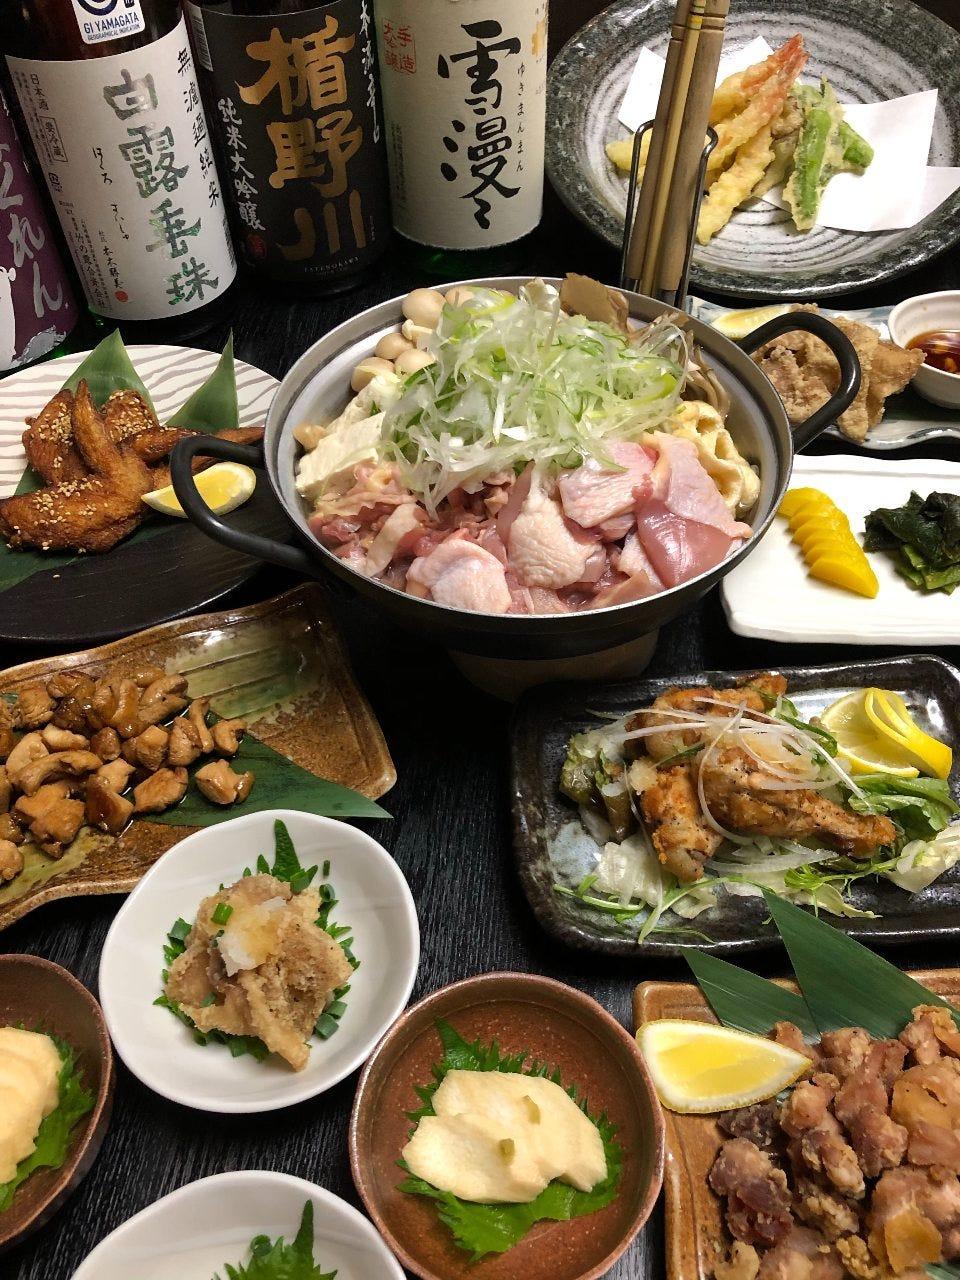 当店オススメ!一縁特製鶏鍋コース(しょうゆ味)季節のお料理など6品から 飲み放題付き4000円